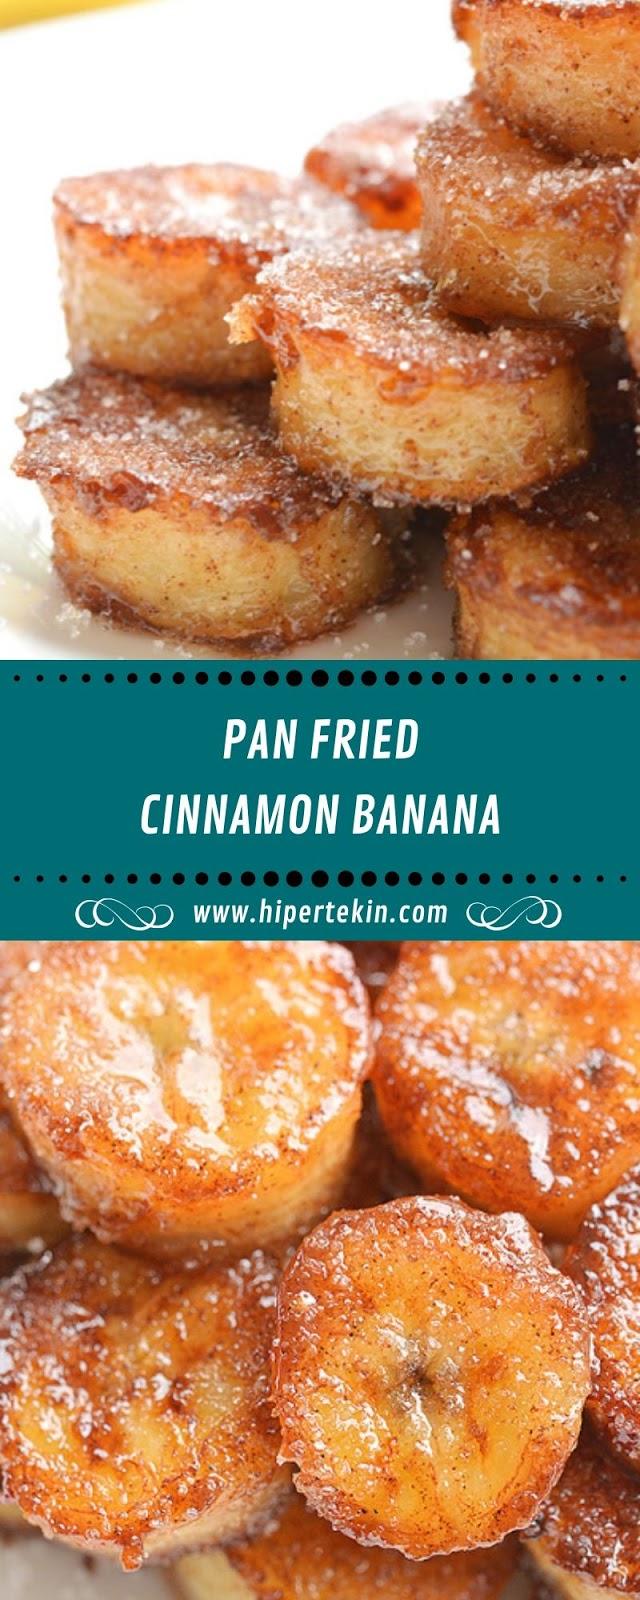 PAN FRIED CINNAMON BANANA